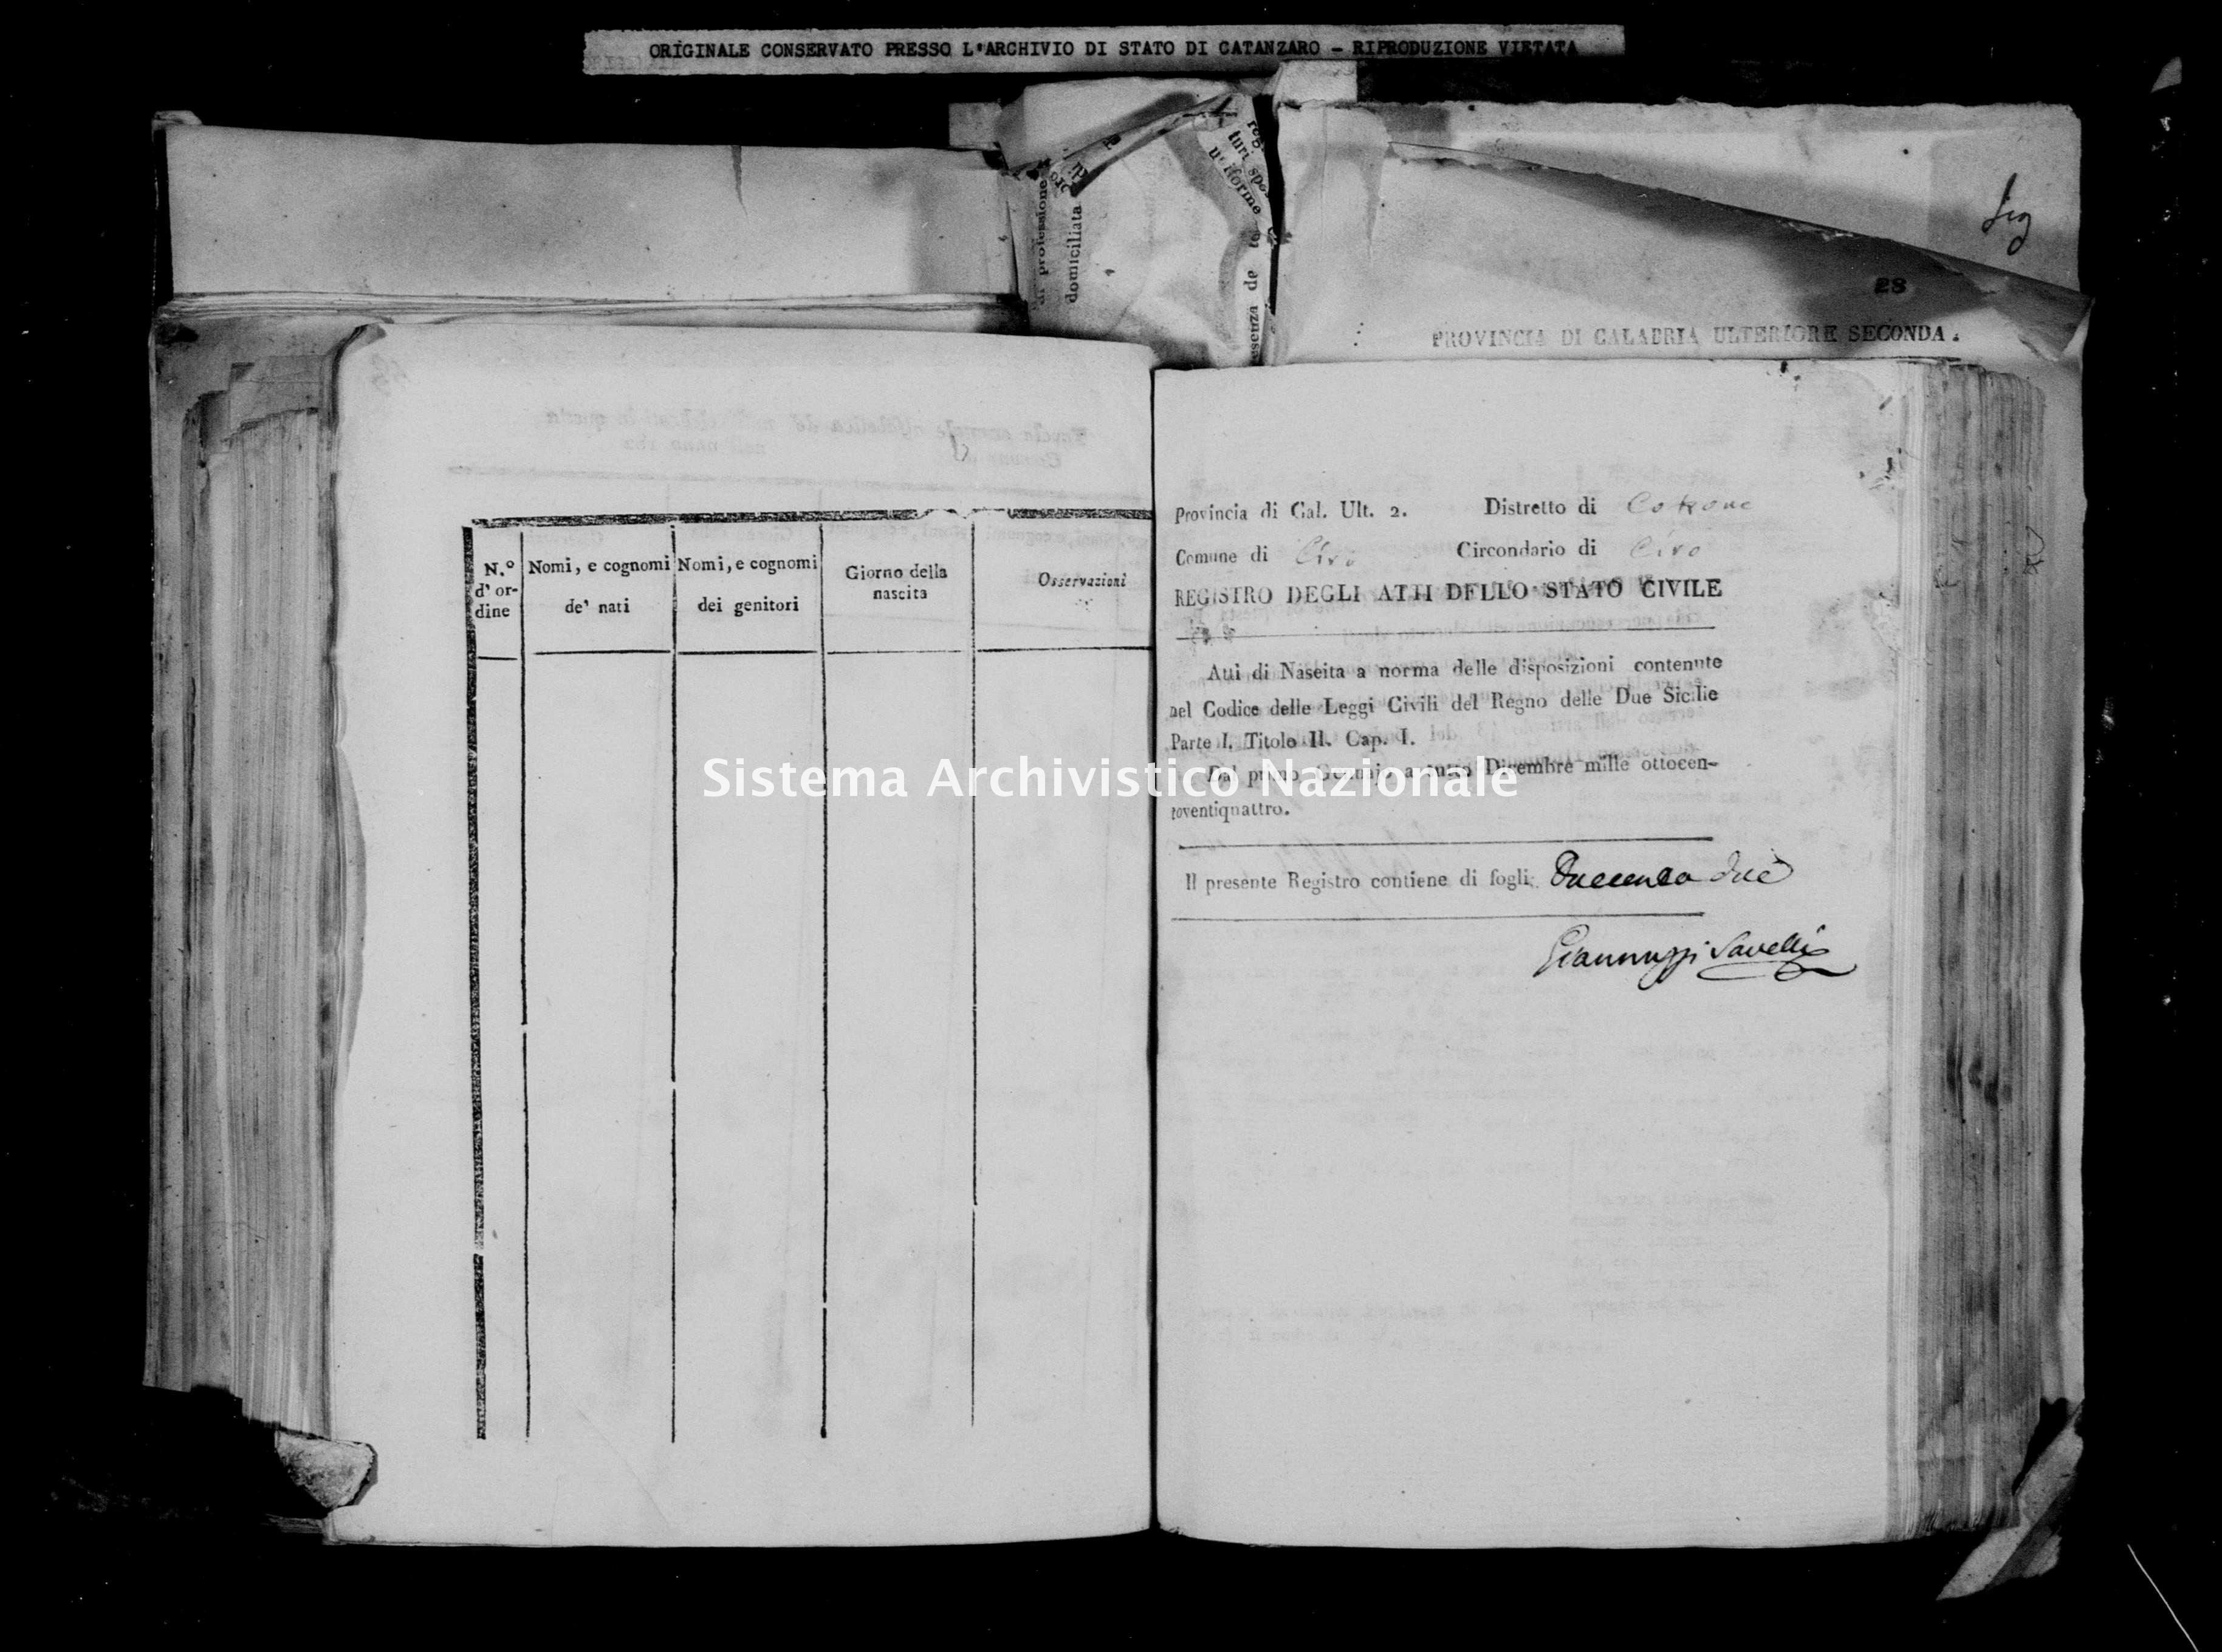 Archivio di stato di Catanzaro - Stato civile italiano - Cirò - Nati - 03/01/1824-28/11/1824 -